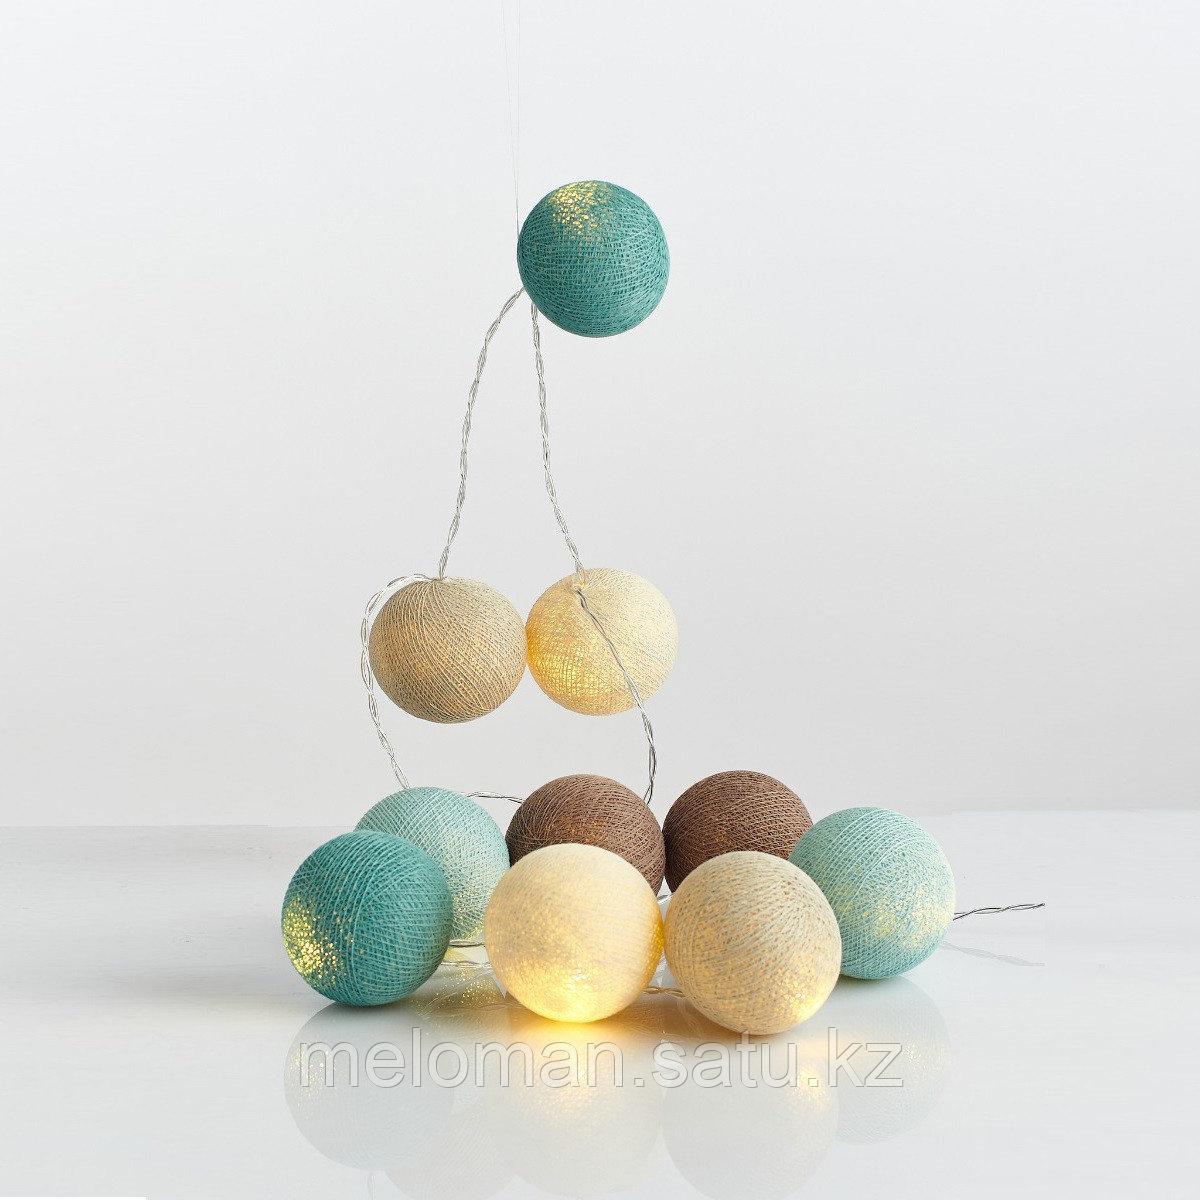 Гирлянда декаротивная Морская соль 20 шаров/сеть - фото 5